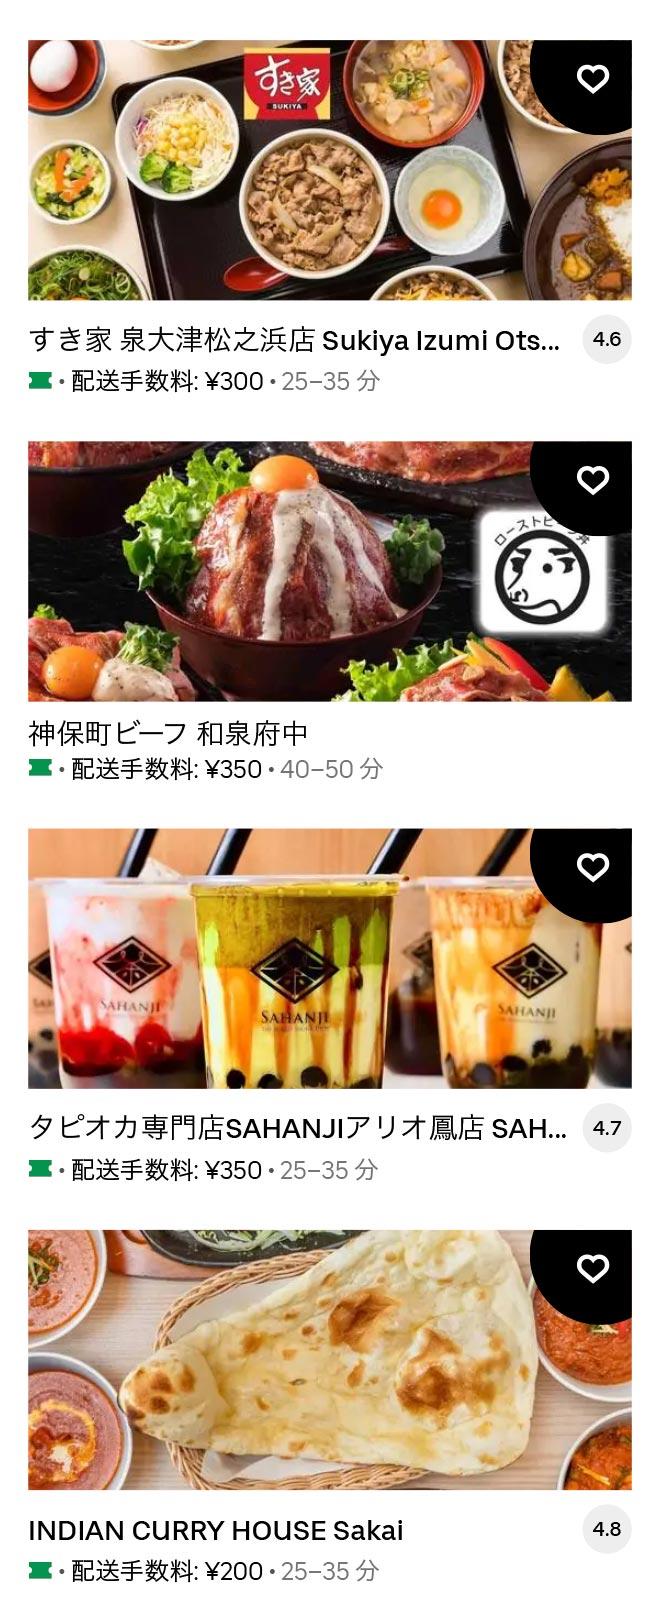 U takaishi 2105 06